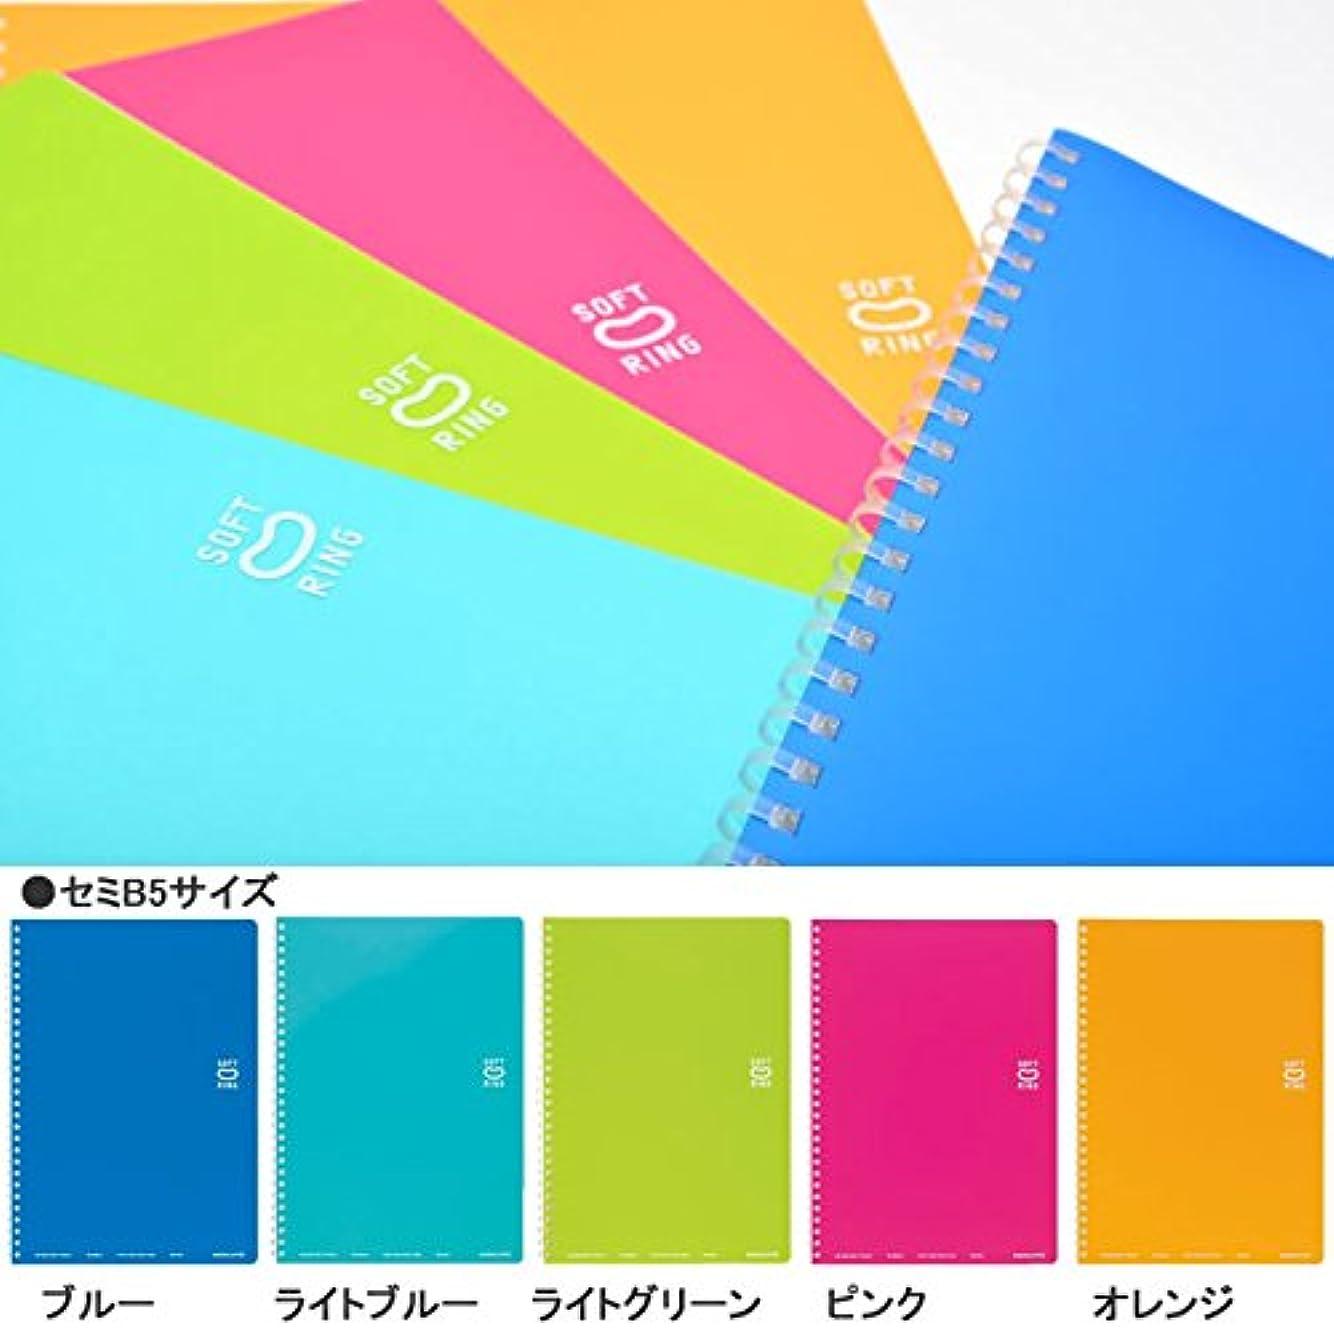 コクヨ ソフトリングノート ドット入り罫線 セミB5 5色 5冊セット